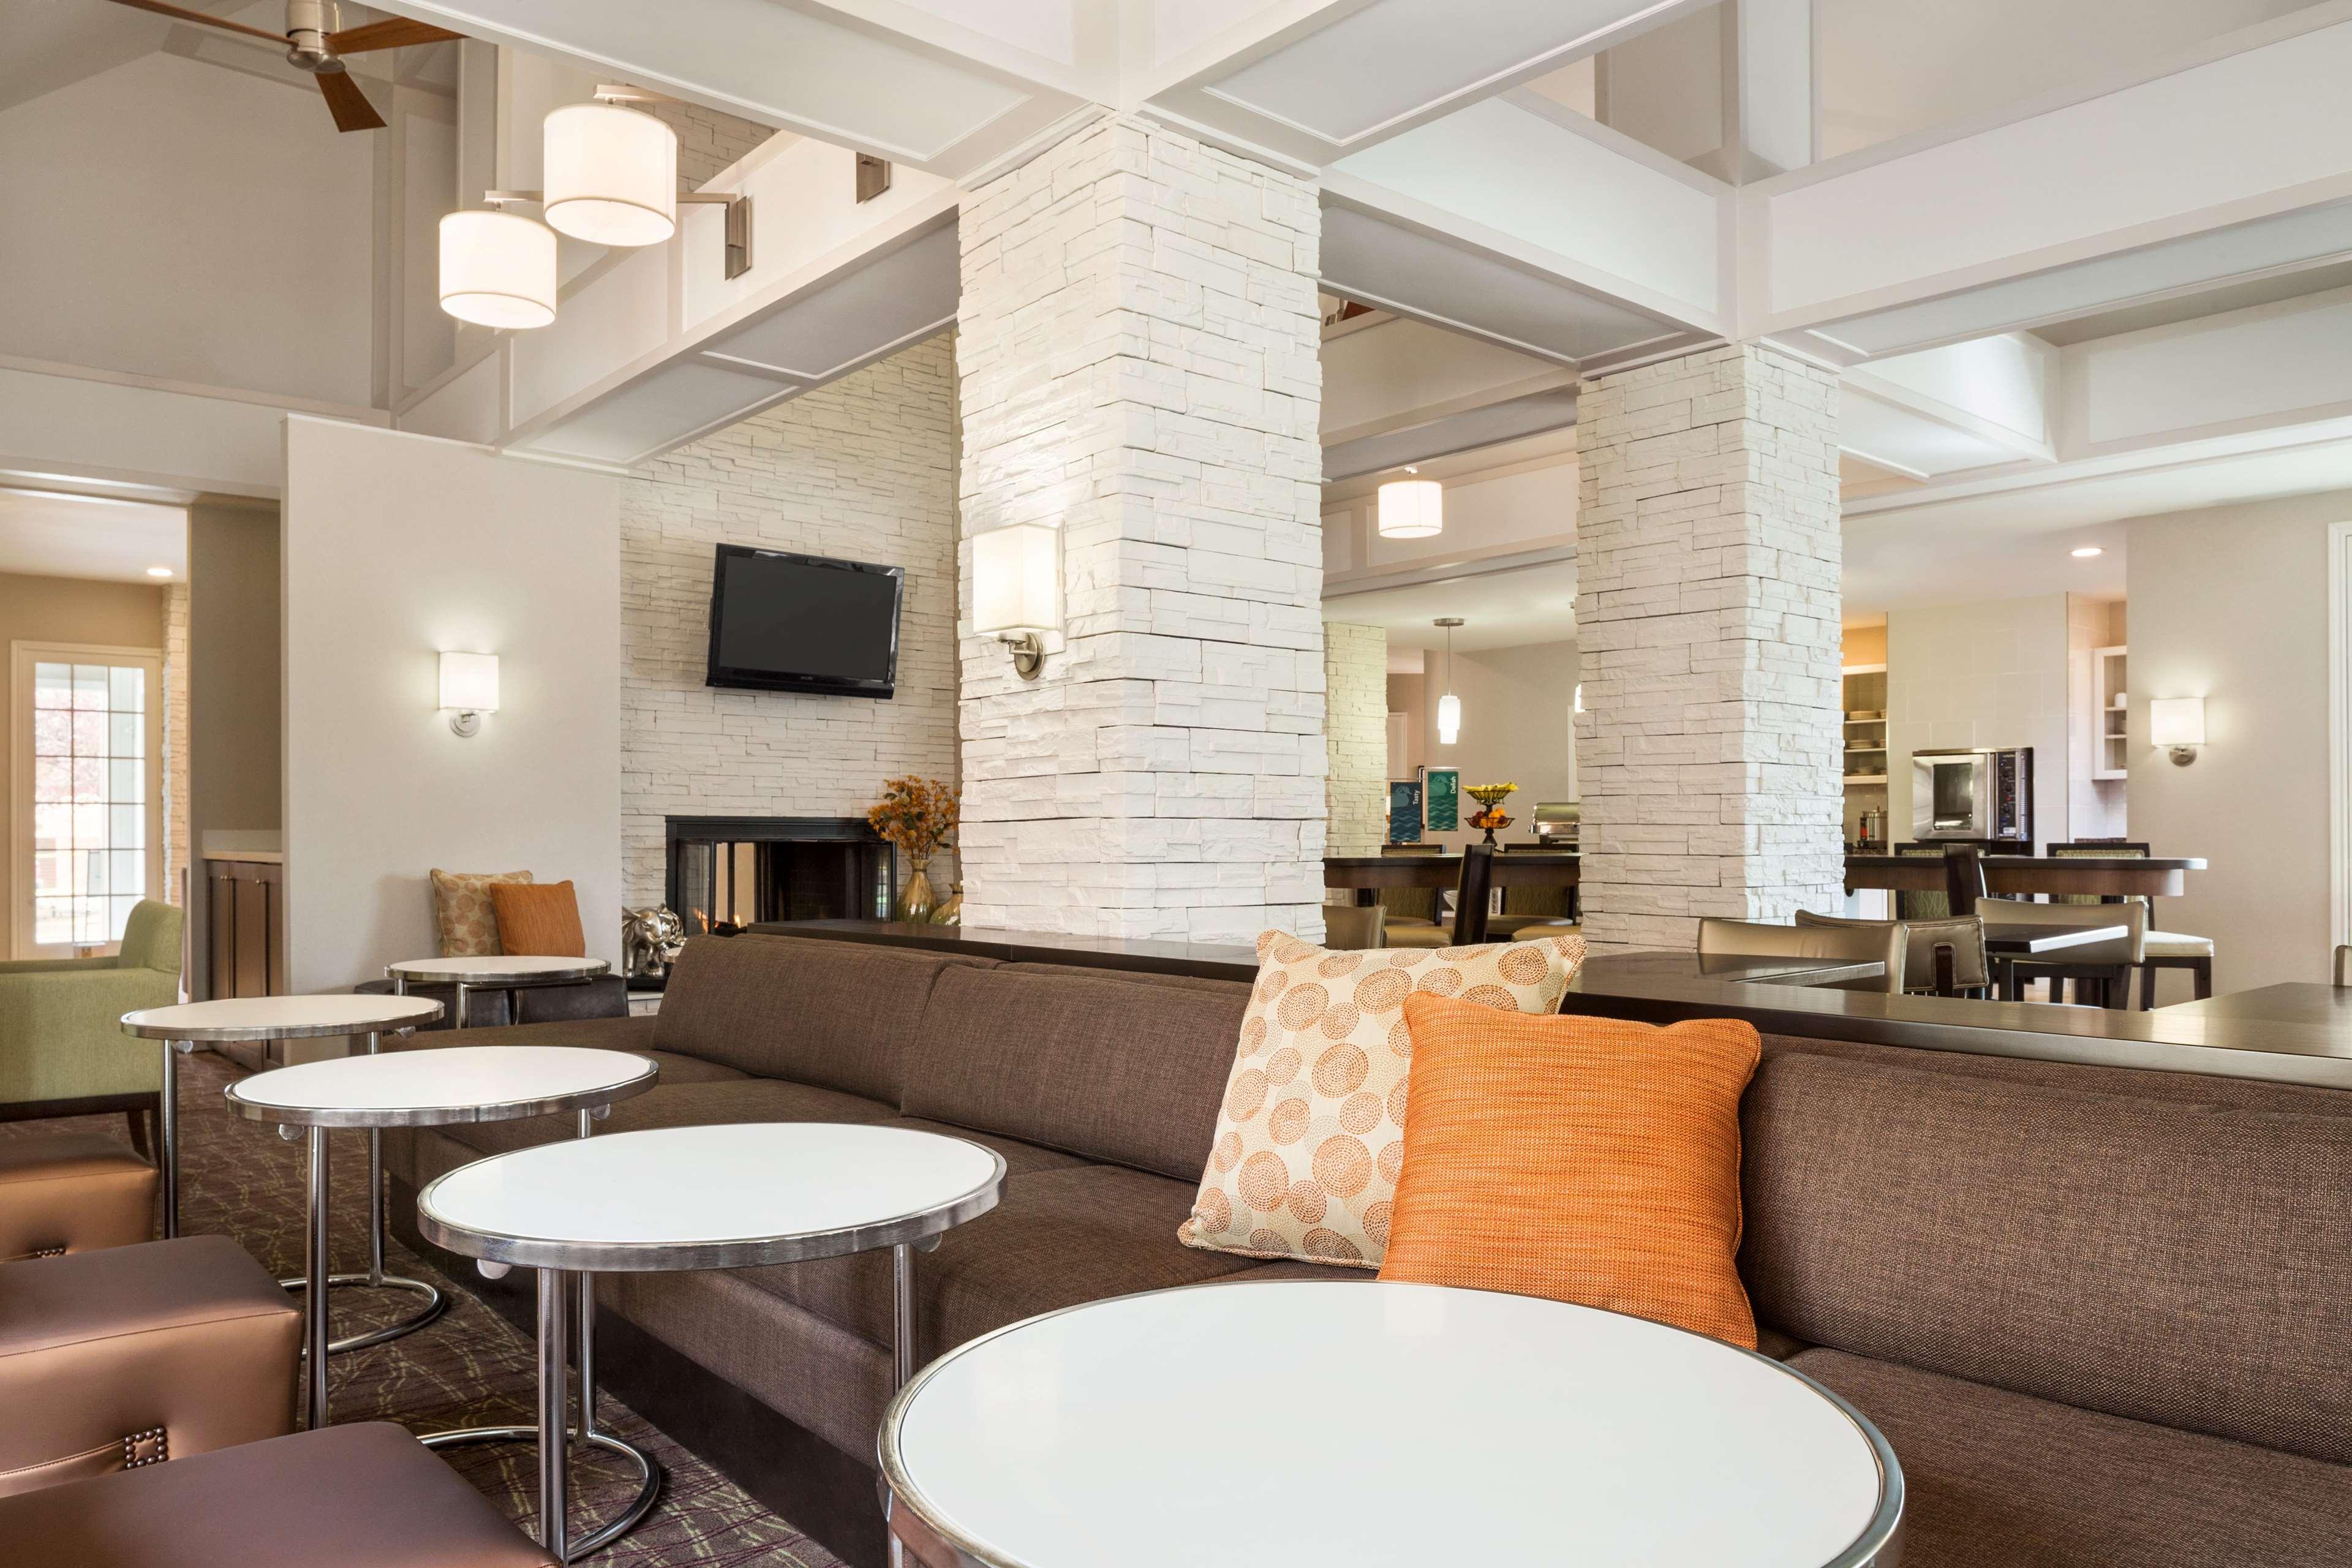 Homewood Suites by Hilton - Boulder image 7